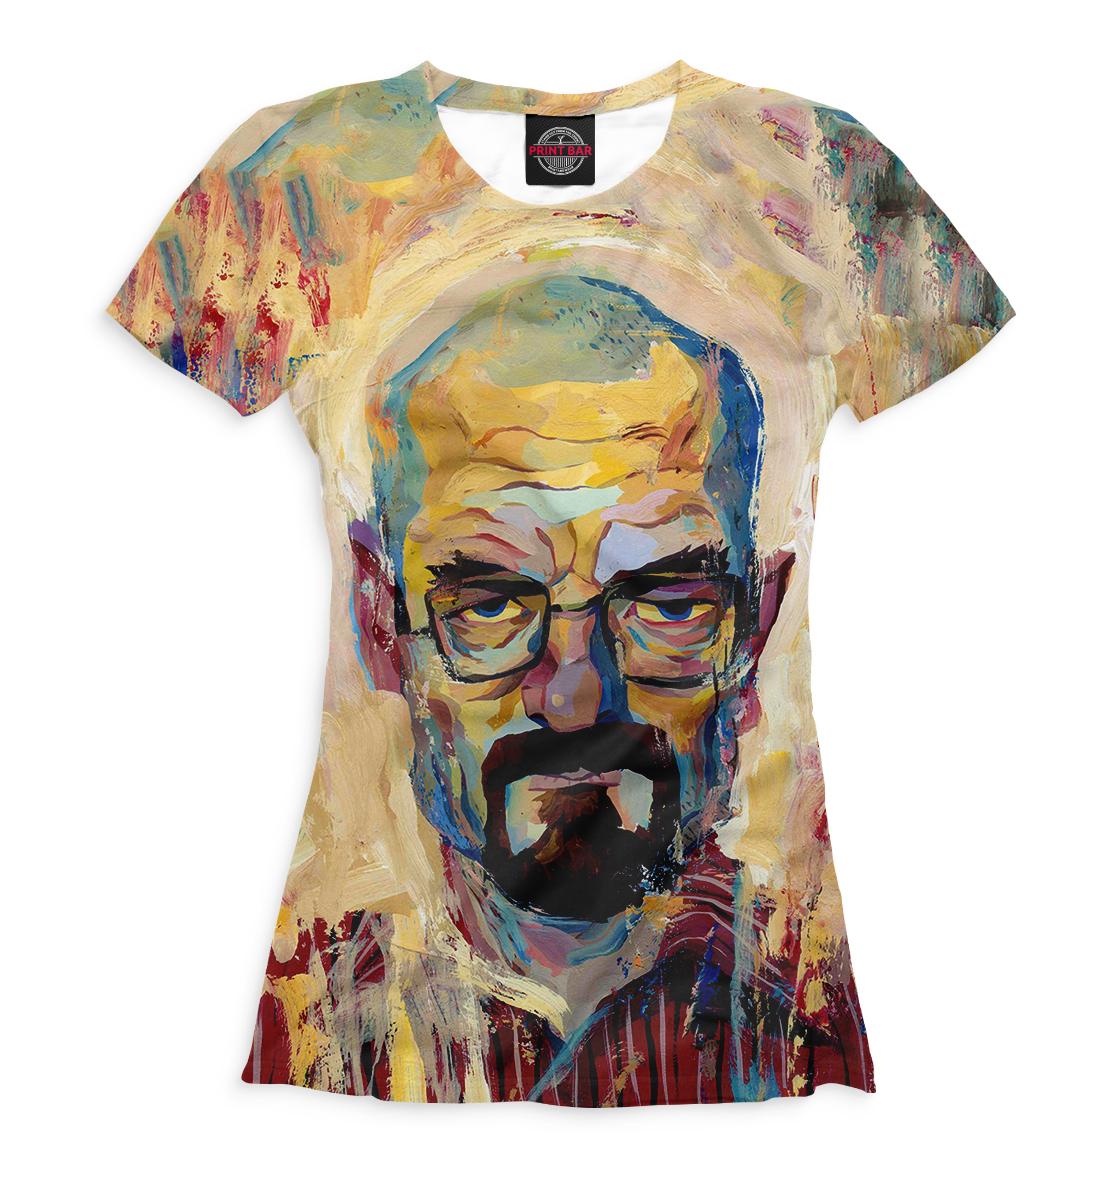 Купить Женская футболка Хайзенберг VVT-306061-fut-1